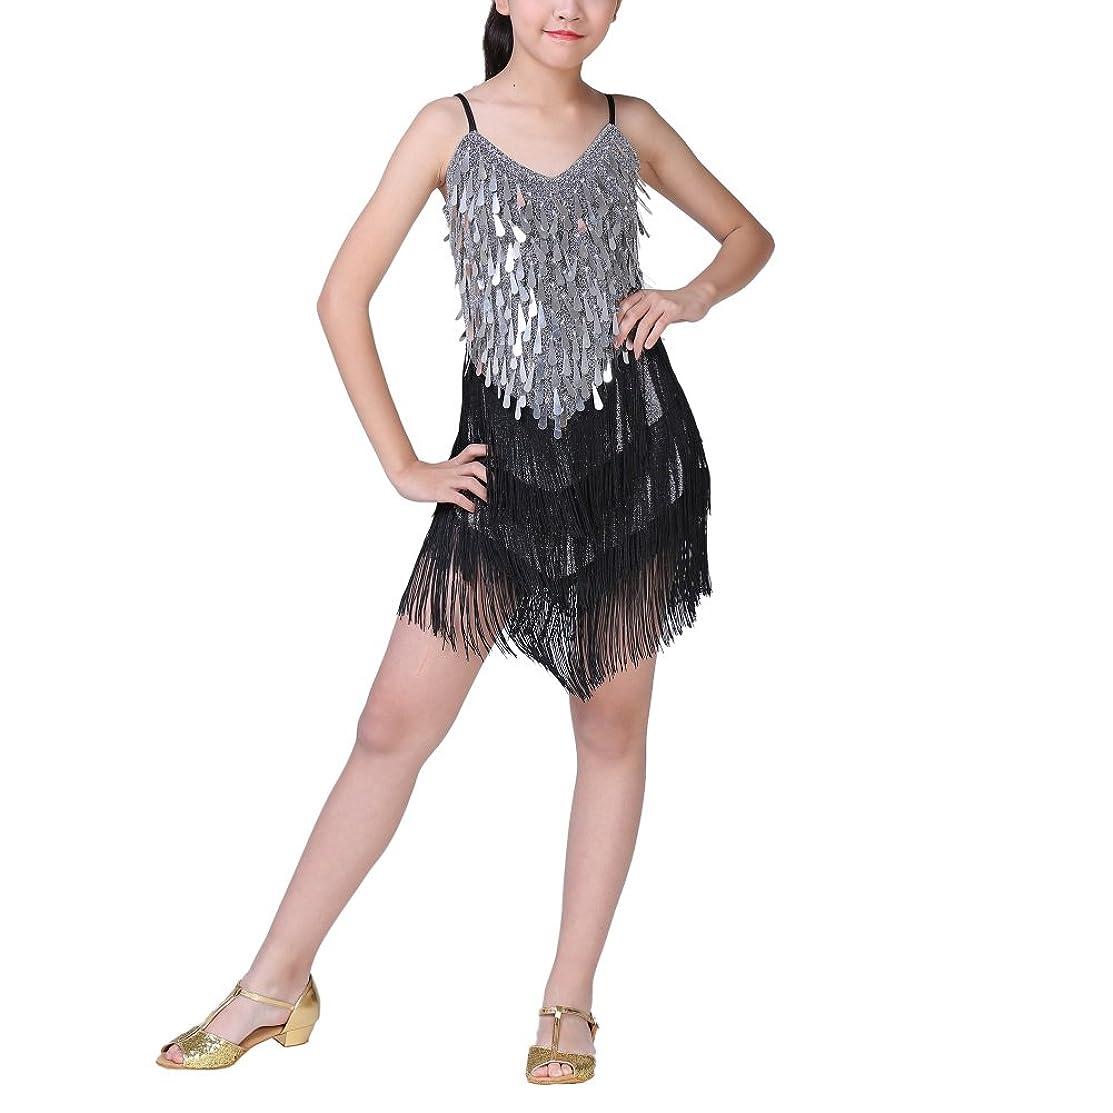 Loveble Latin Dance Dress Rumba Salsa Samba Chacha Tango Kids Girls Tassel Sequin Skirt Latin Costume